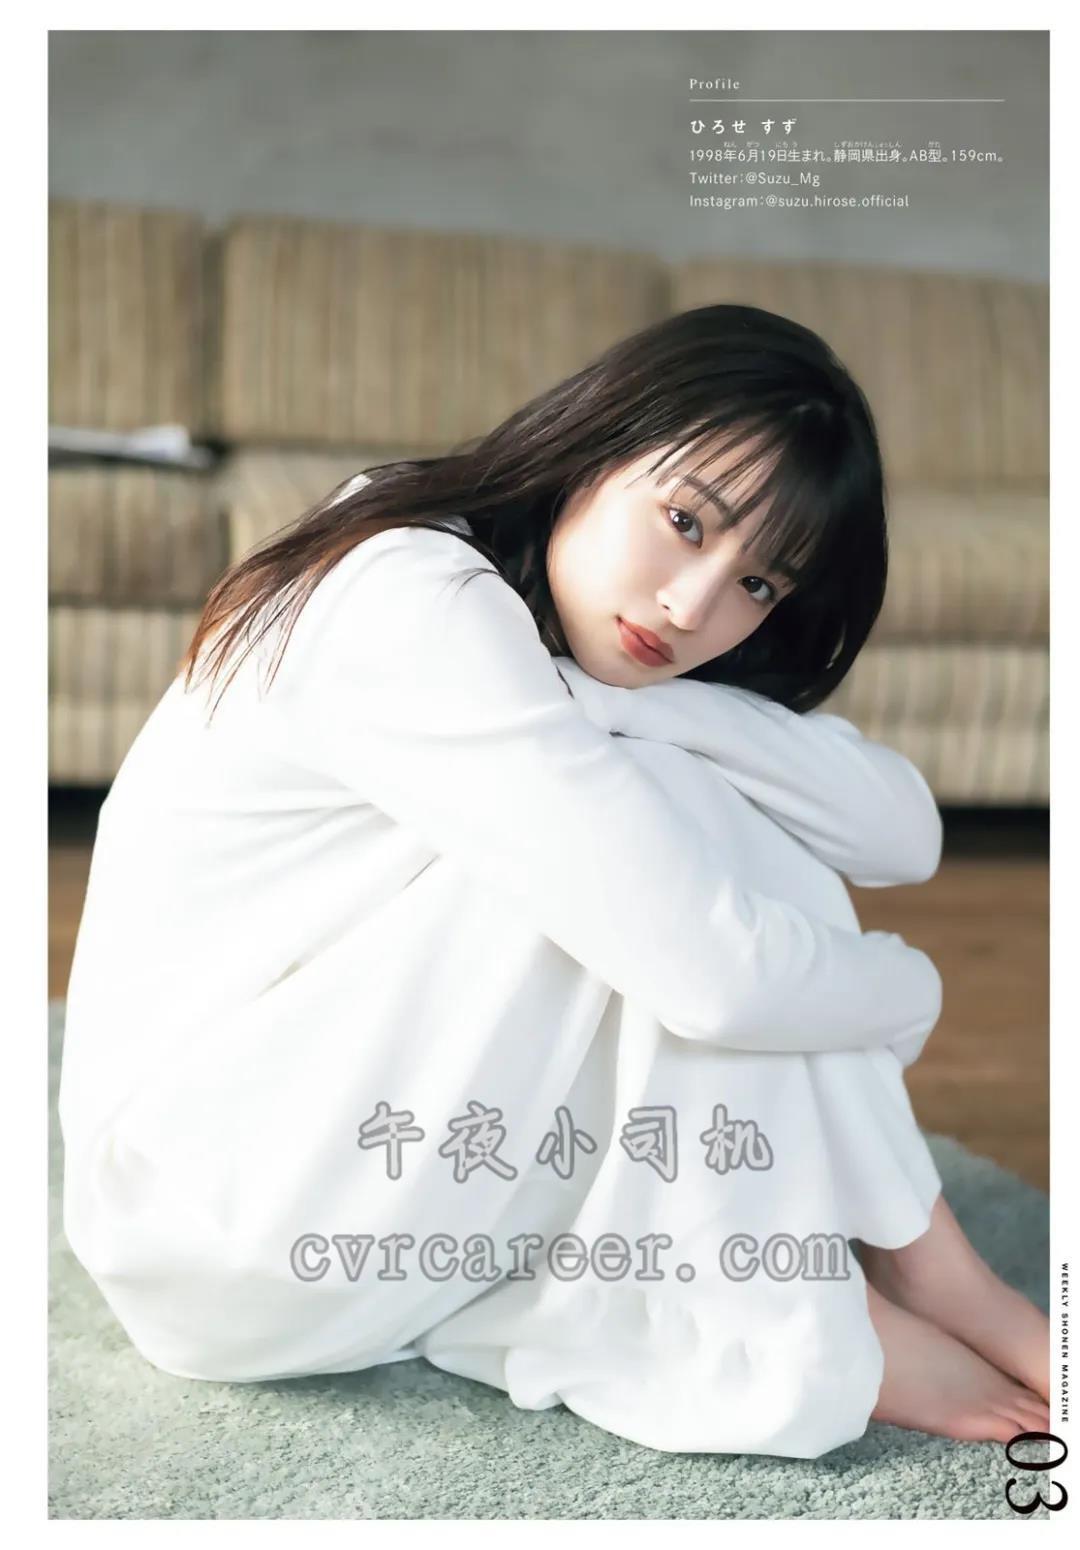 宅妹子suzu.hirose.official的图片 第9张